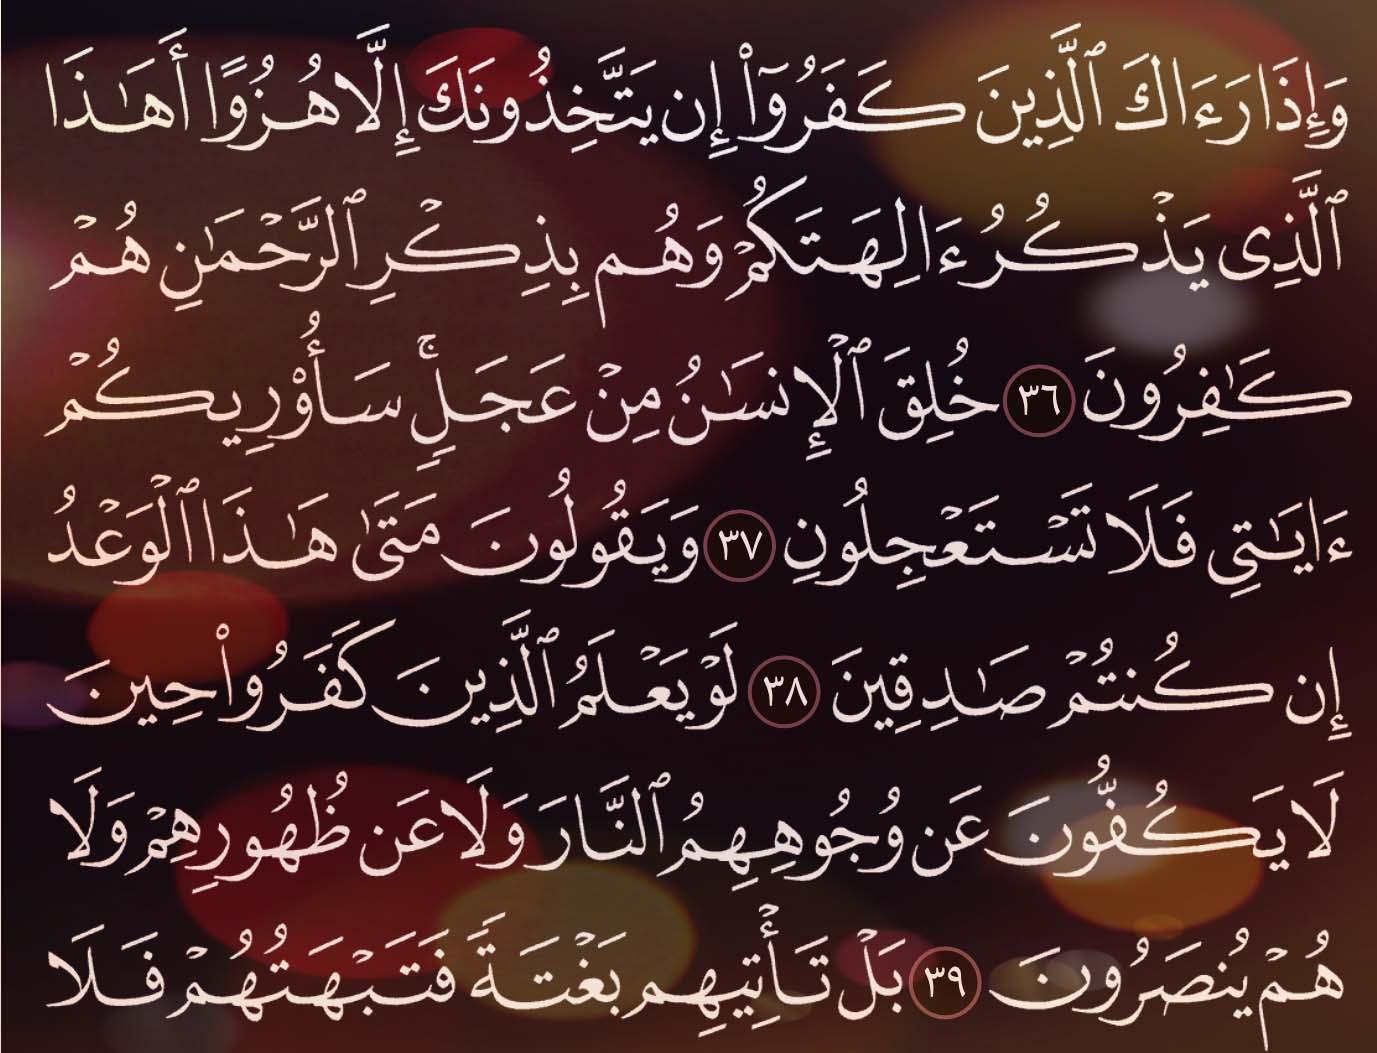 شرح وتفسير, سورة الأنبياء, surah al-anbiya, ( من الآية 36 إلى الاية 44 ), surat al anbiya,surah al anbiya,surat alanbiya,surat al anbiya ayat 19,surat al anbiya ayat 89,surat al anbiya ayat 107,surah al anbiya ayat 83,surat al anbiya ayat 83,surah al anbiya ayat 89,surah al anbiya ayat 30,surat al anbiya ayat 30,surat al anbiya ayat 21,surat al anbiya ayat 35,surat al anbiya ayat 87,surah al anbiya ayat 87,surah al anbiya ayat 69,surah al anbiya ayat 35